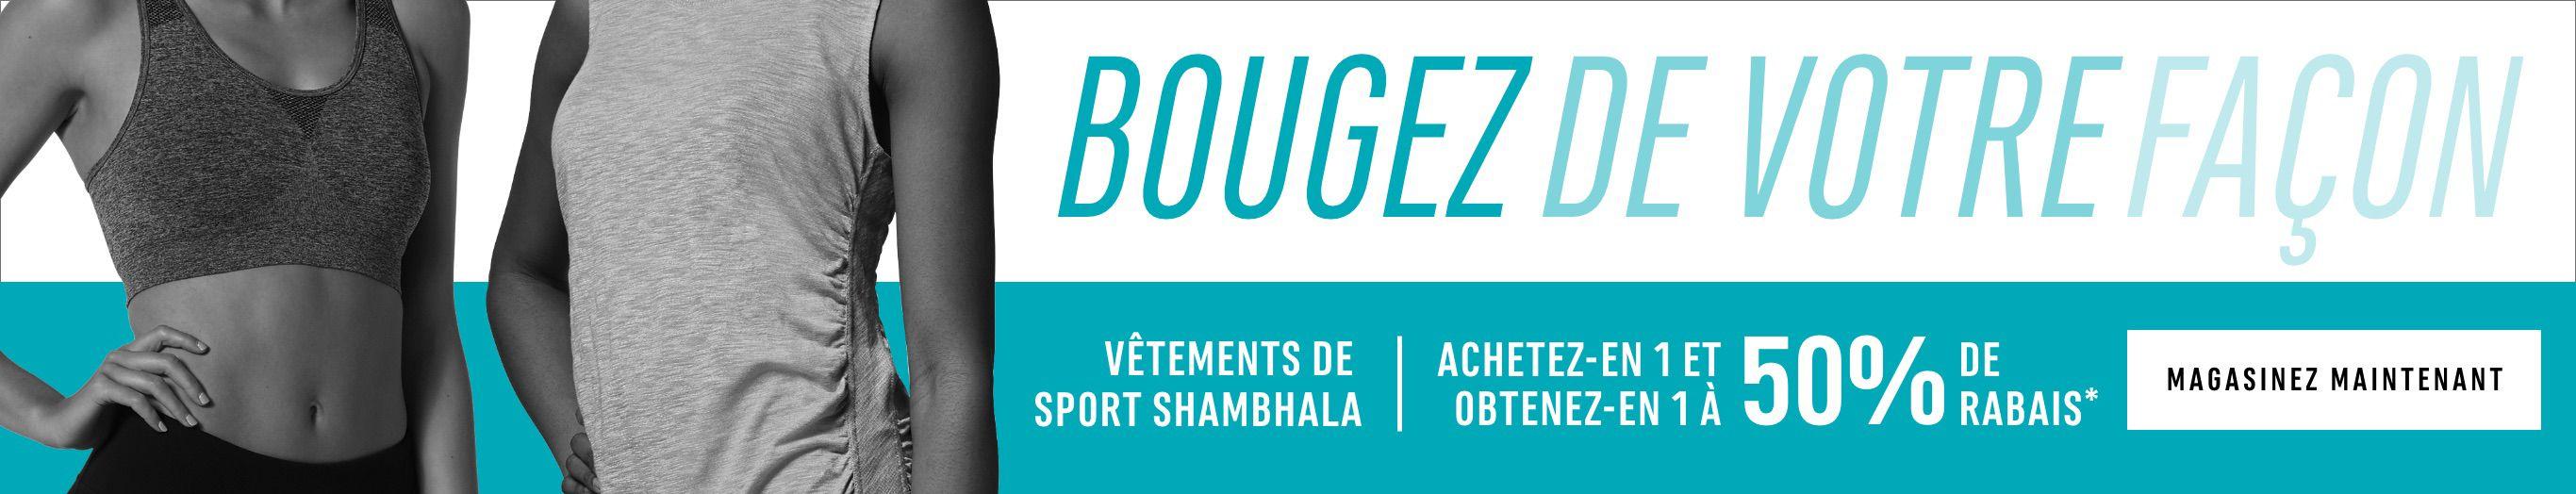 BOUGEZ DE VOTRE FAÇON. Vêtements de sport Shambhala - Achetez-en 1 et obtenez-en 1 à 50 % de rabais* MAGASINEZ MAINTENANT